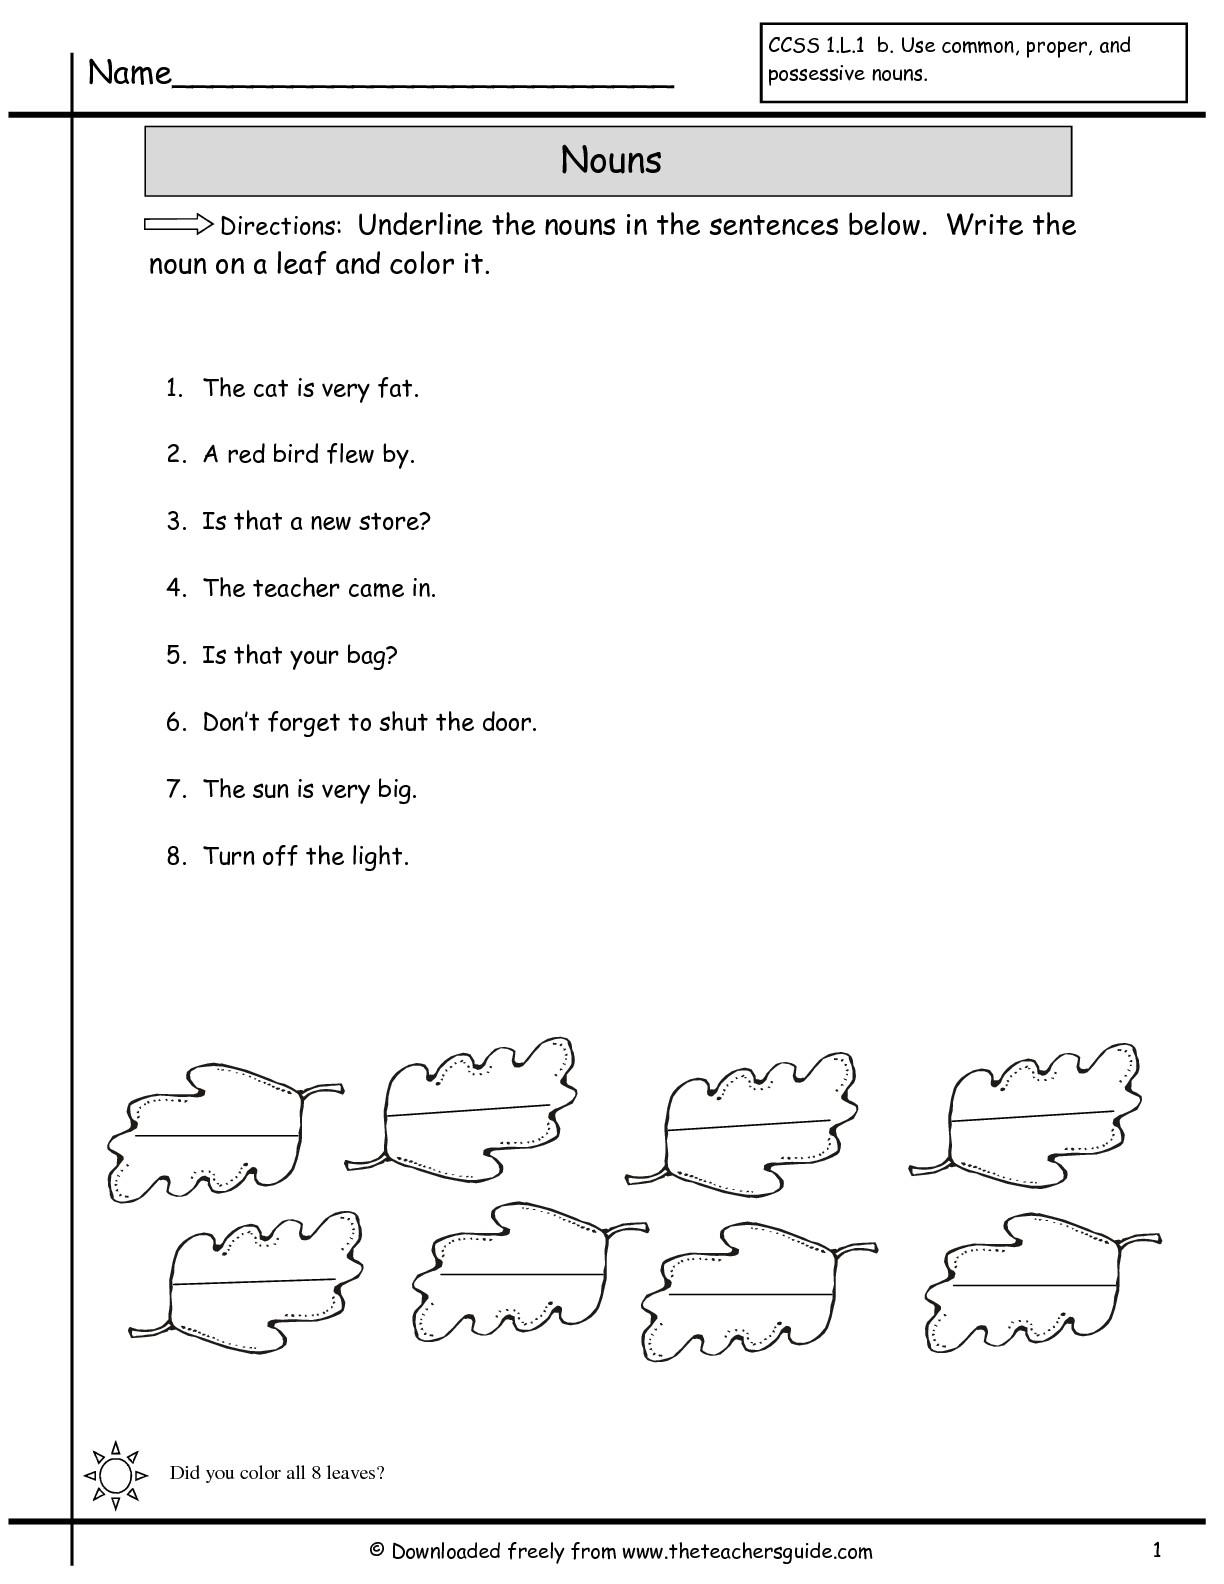 12 Best Images Of Sentences In Correct Order Worksheet